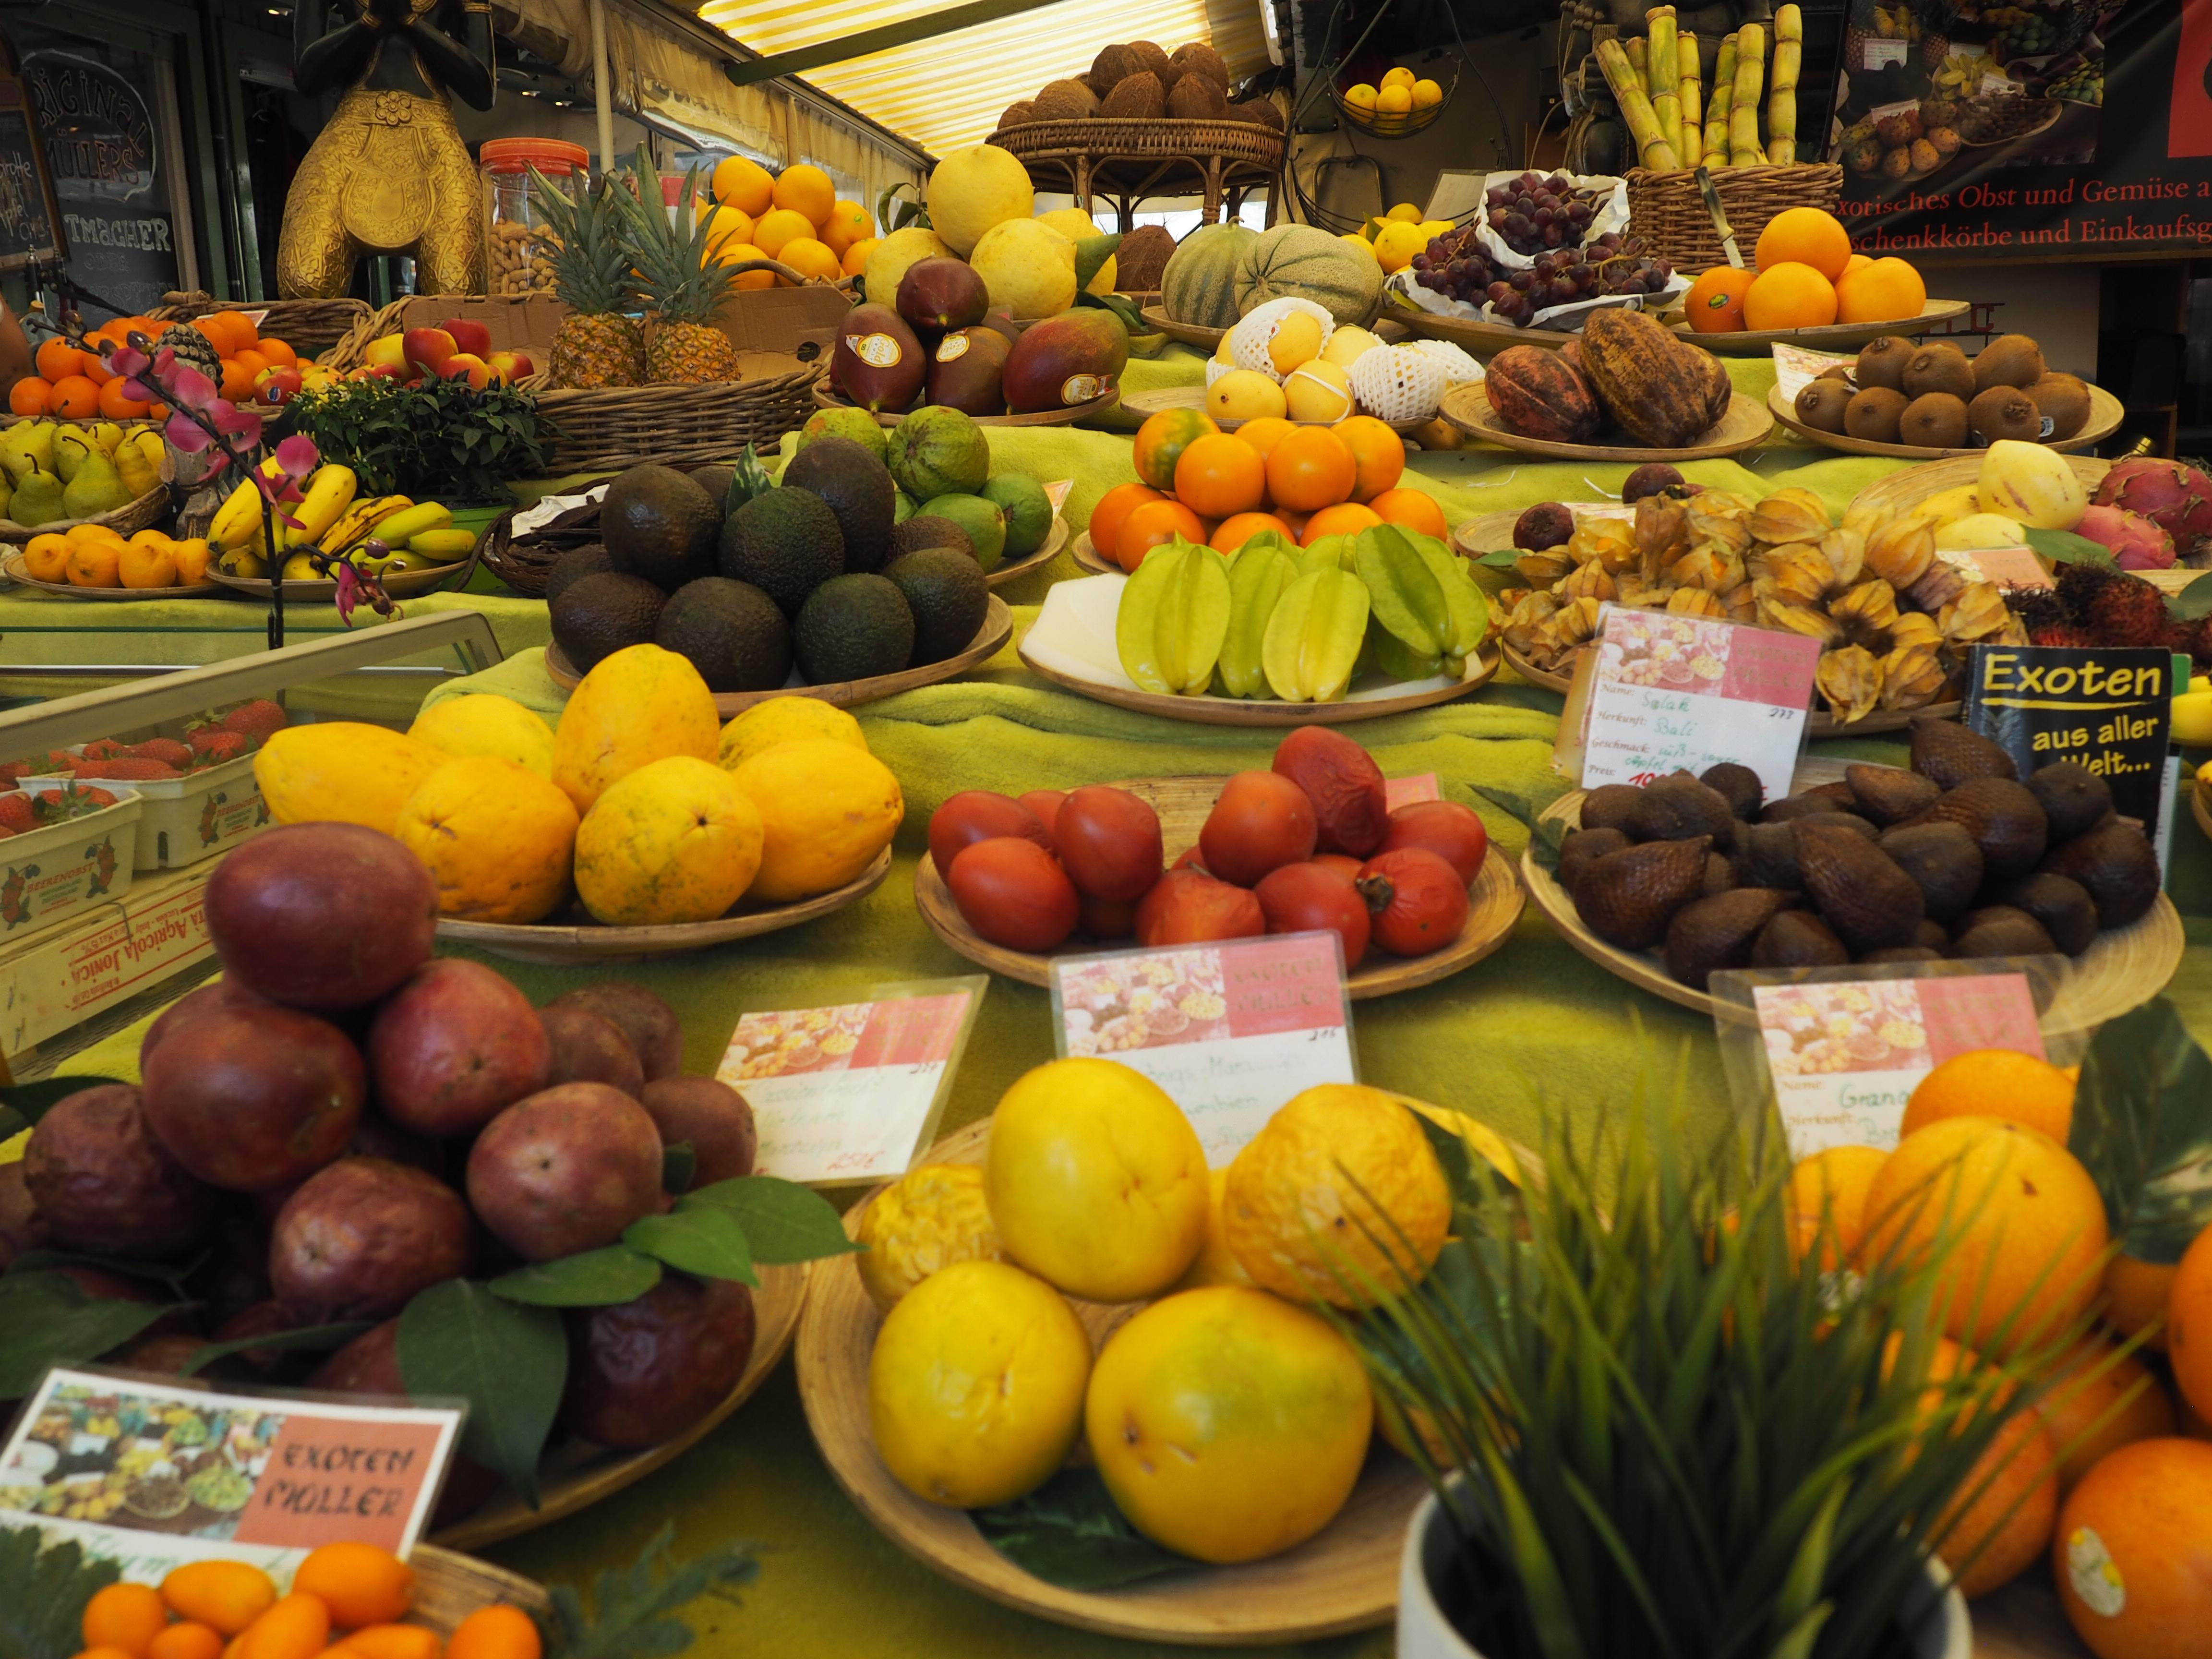 Vitamine, soweit das AUge reicht! Impressionen vom Viktualienmarkt in München